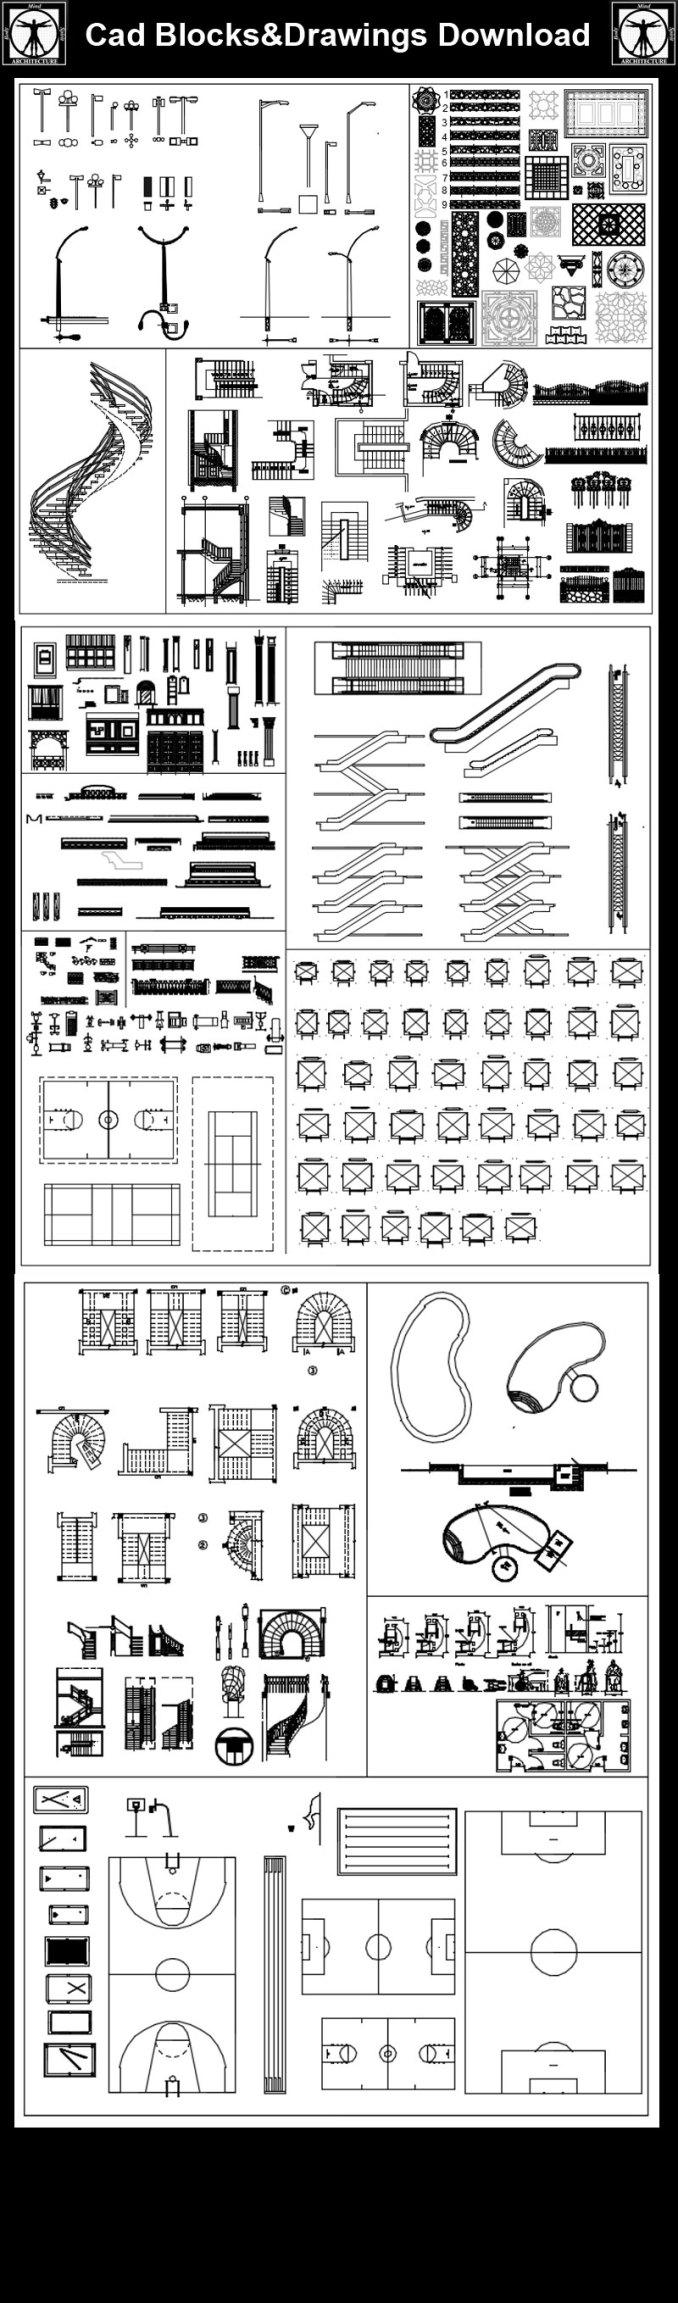 Alle Landschaftsblöcke Free Cad Blocks Zeichnungen Download